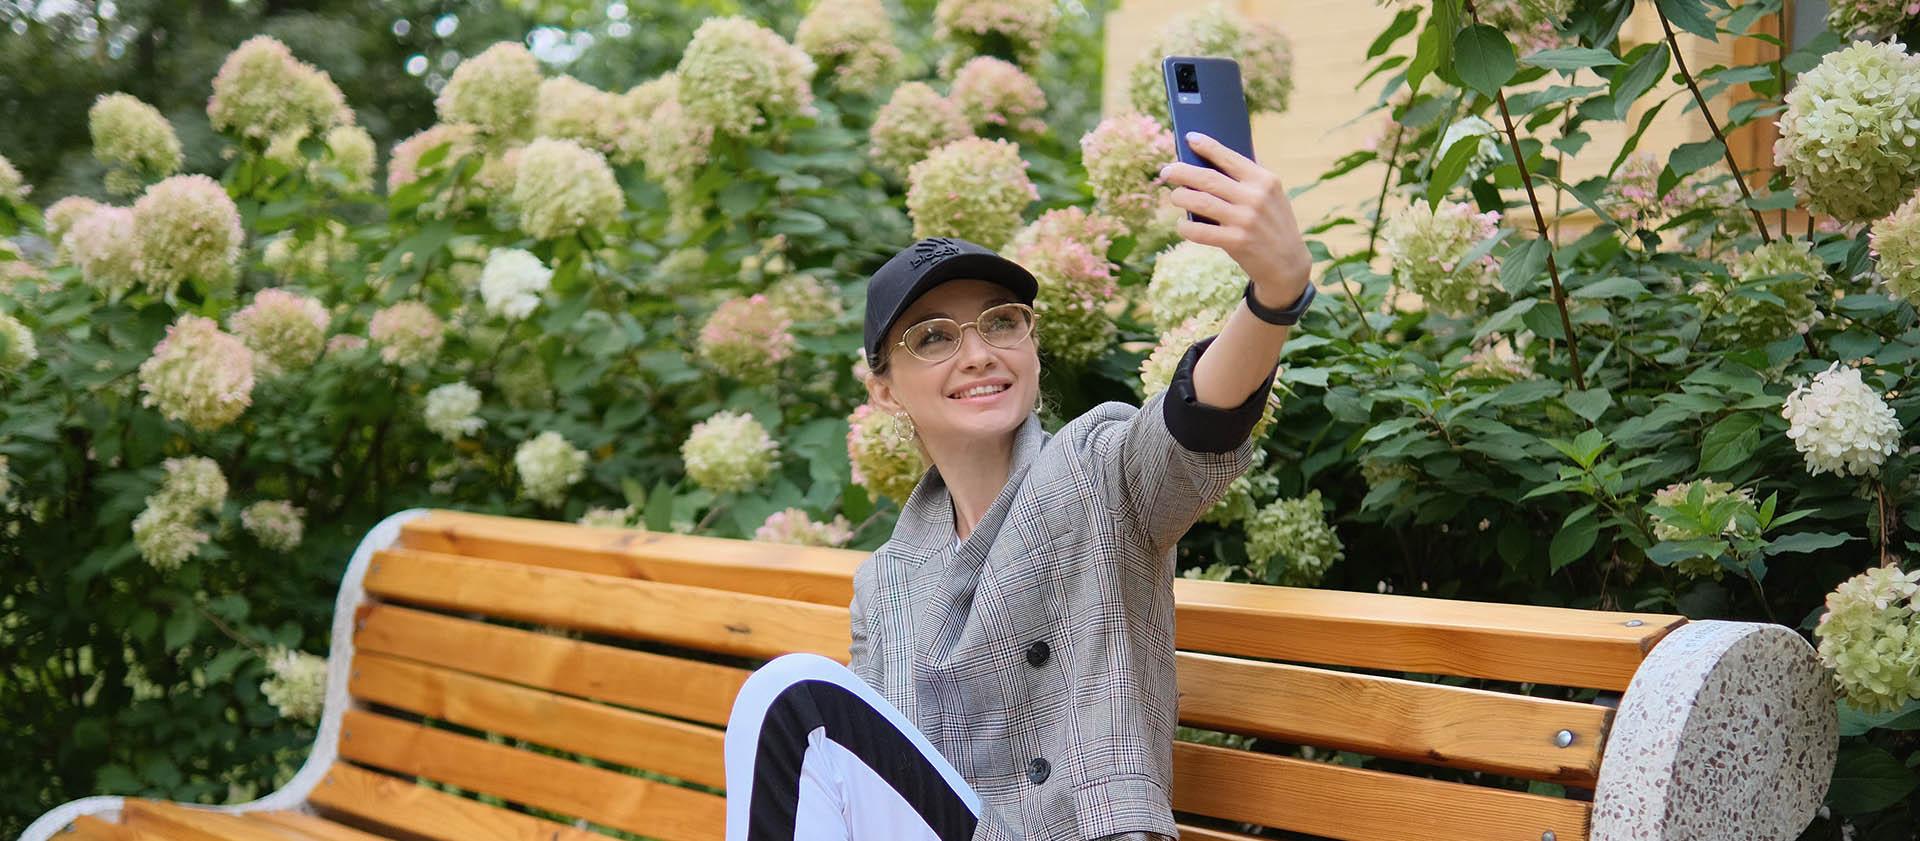 Неделя с vivo V21: личный опыт instagram-блогера